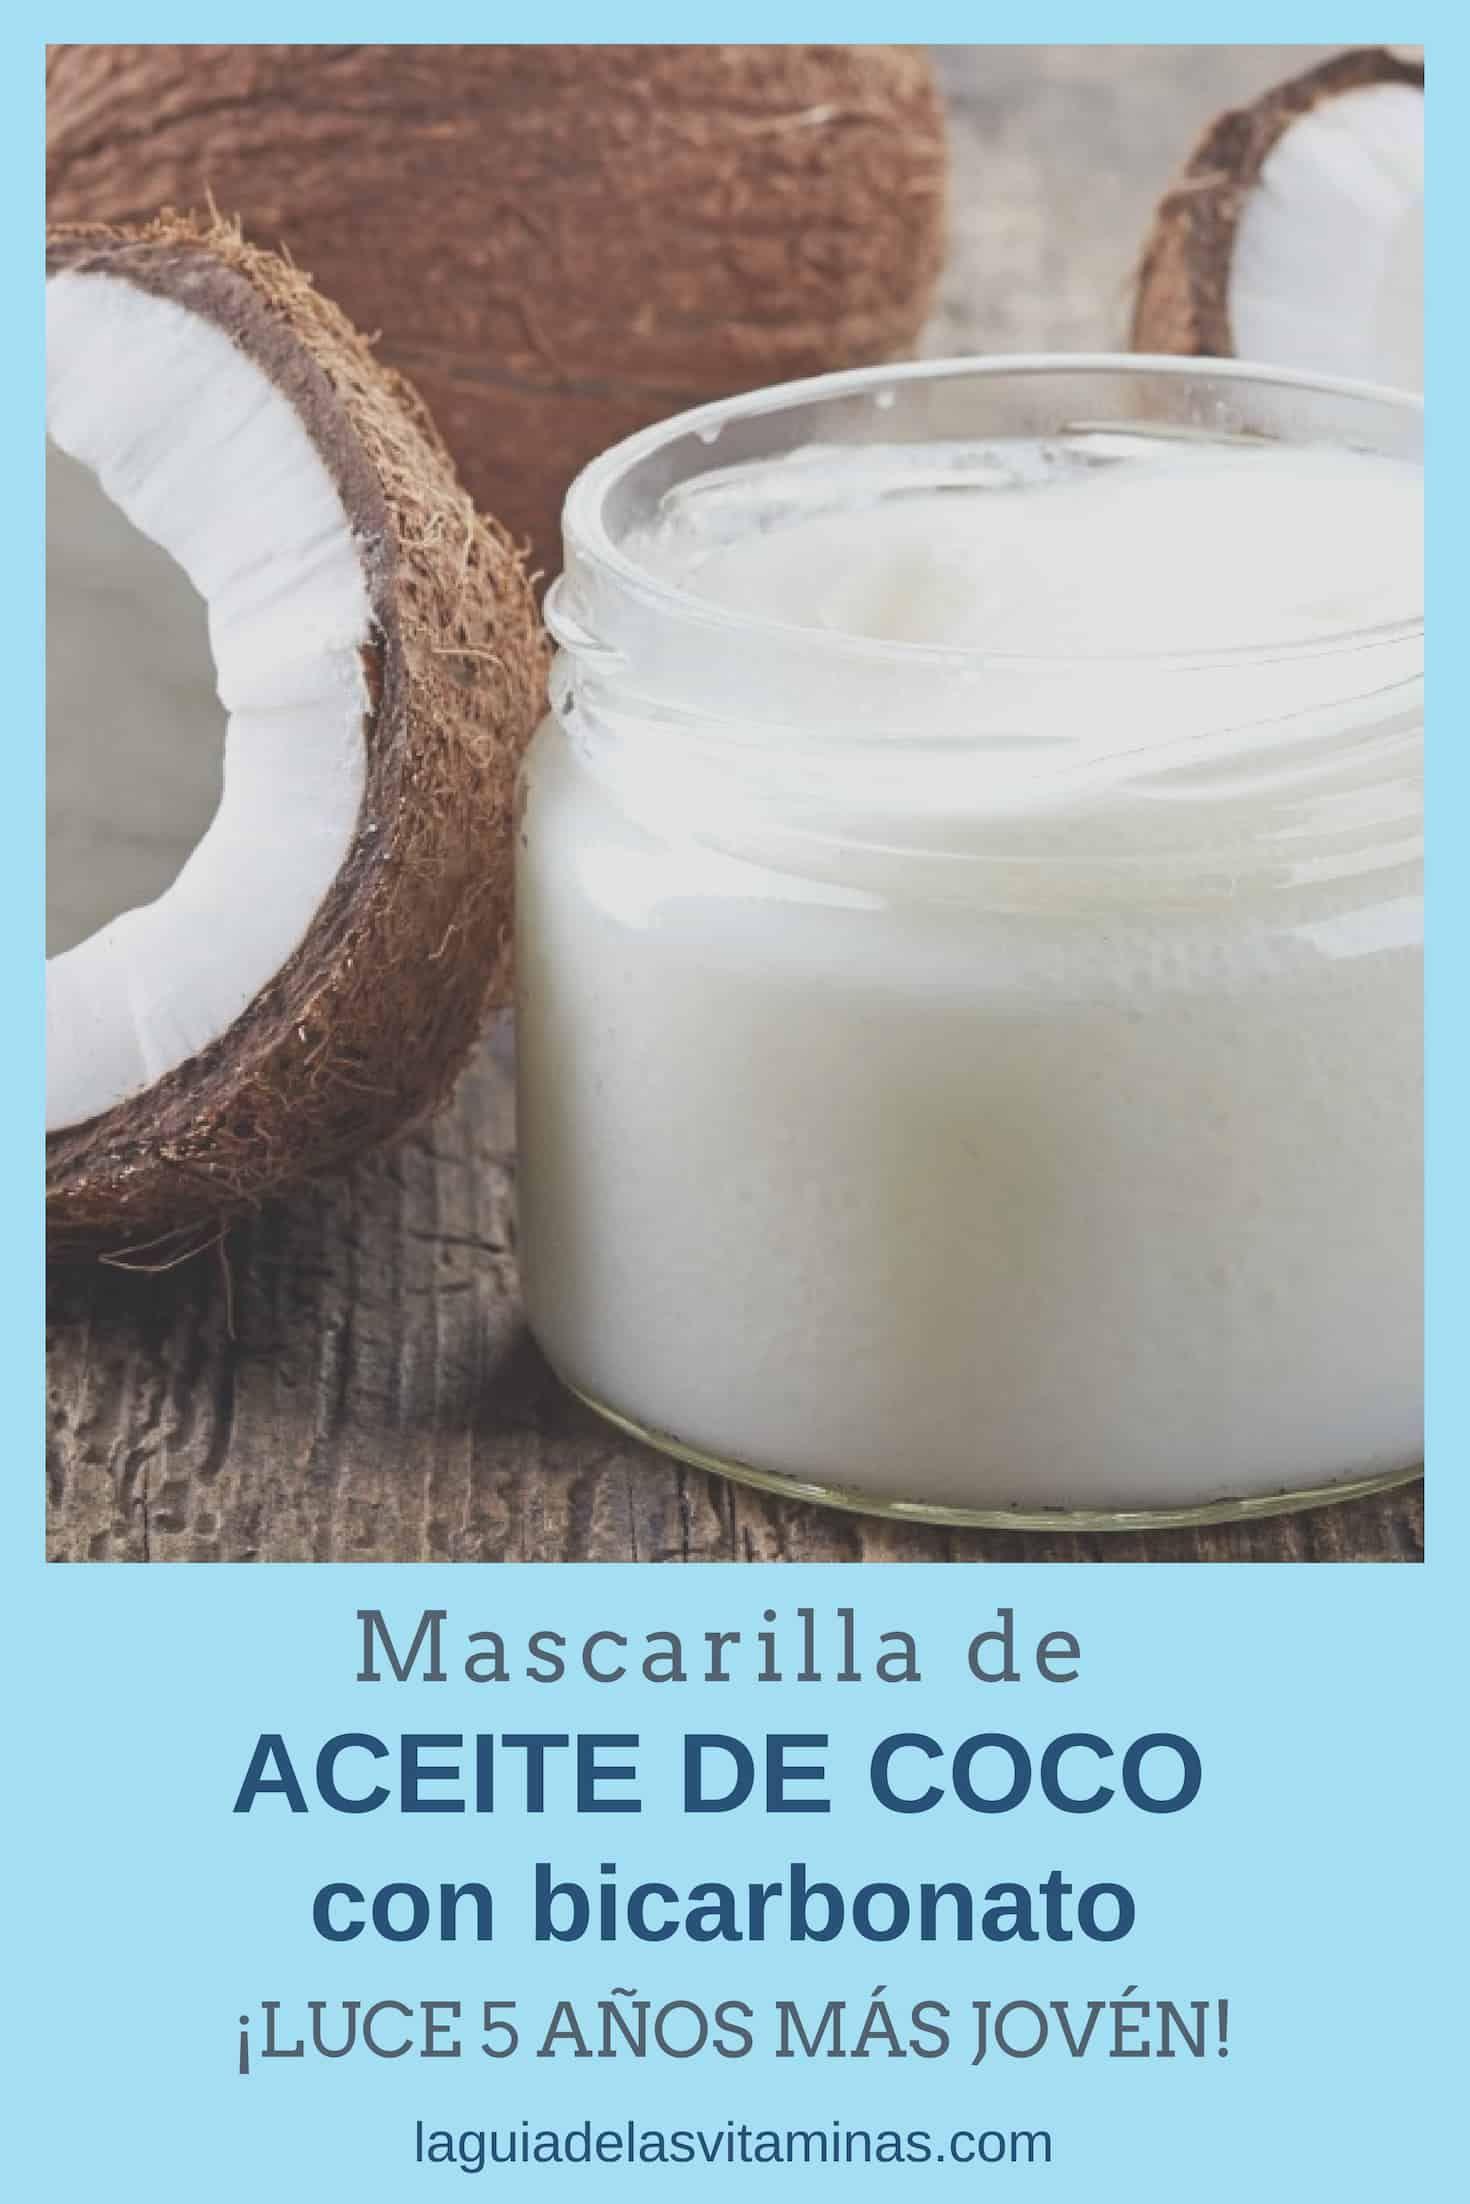 Mascarilla de aceite de coco con bicarbonato: ¿Para mirarte 5 años más joven?